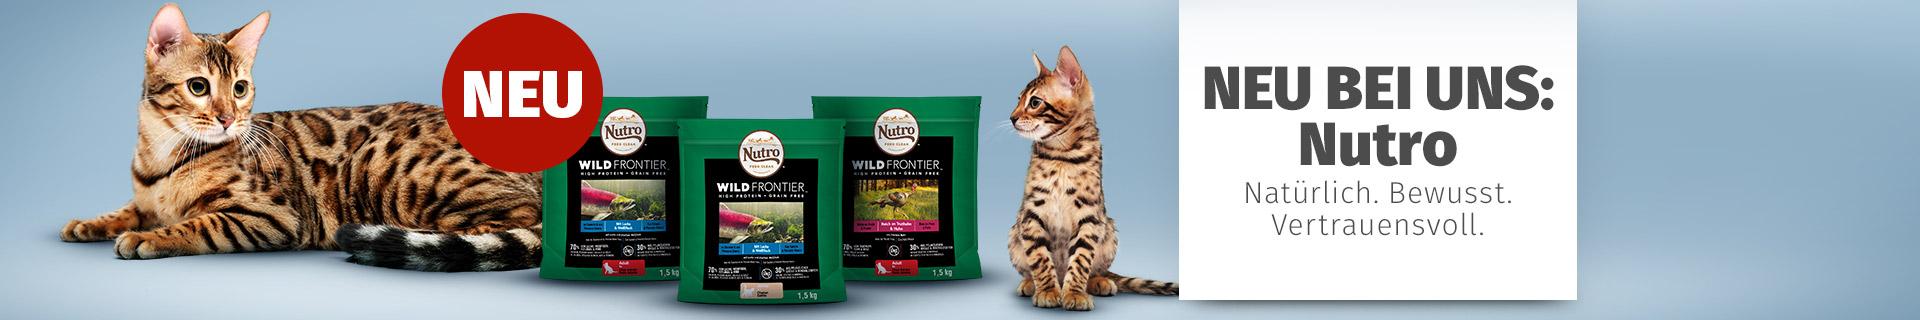 Nutro Katzenfutter mit hohem Fleischanteil